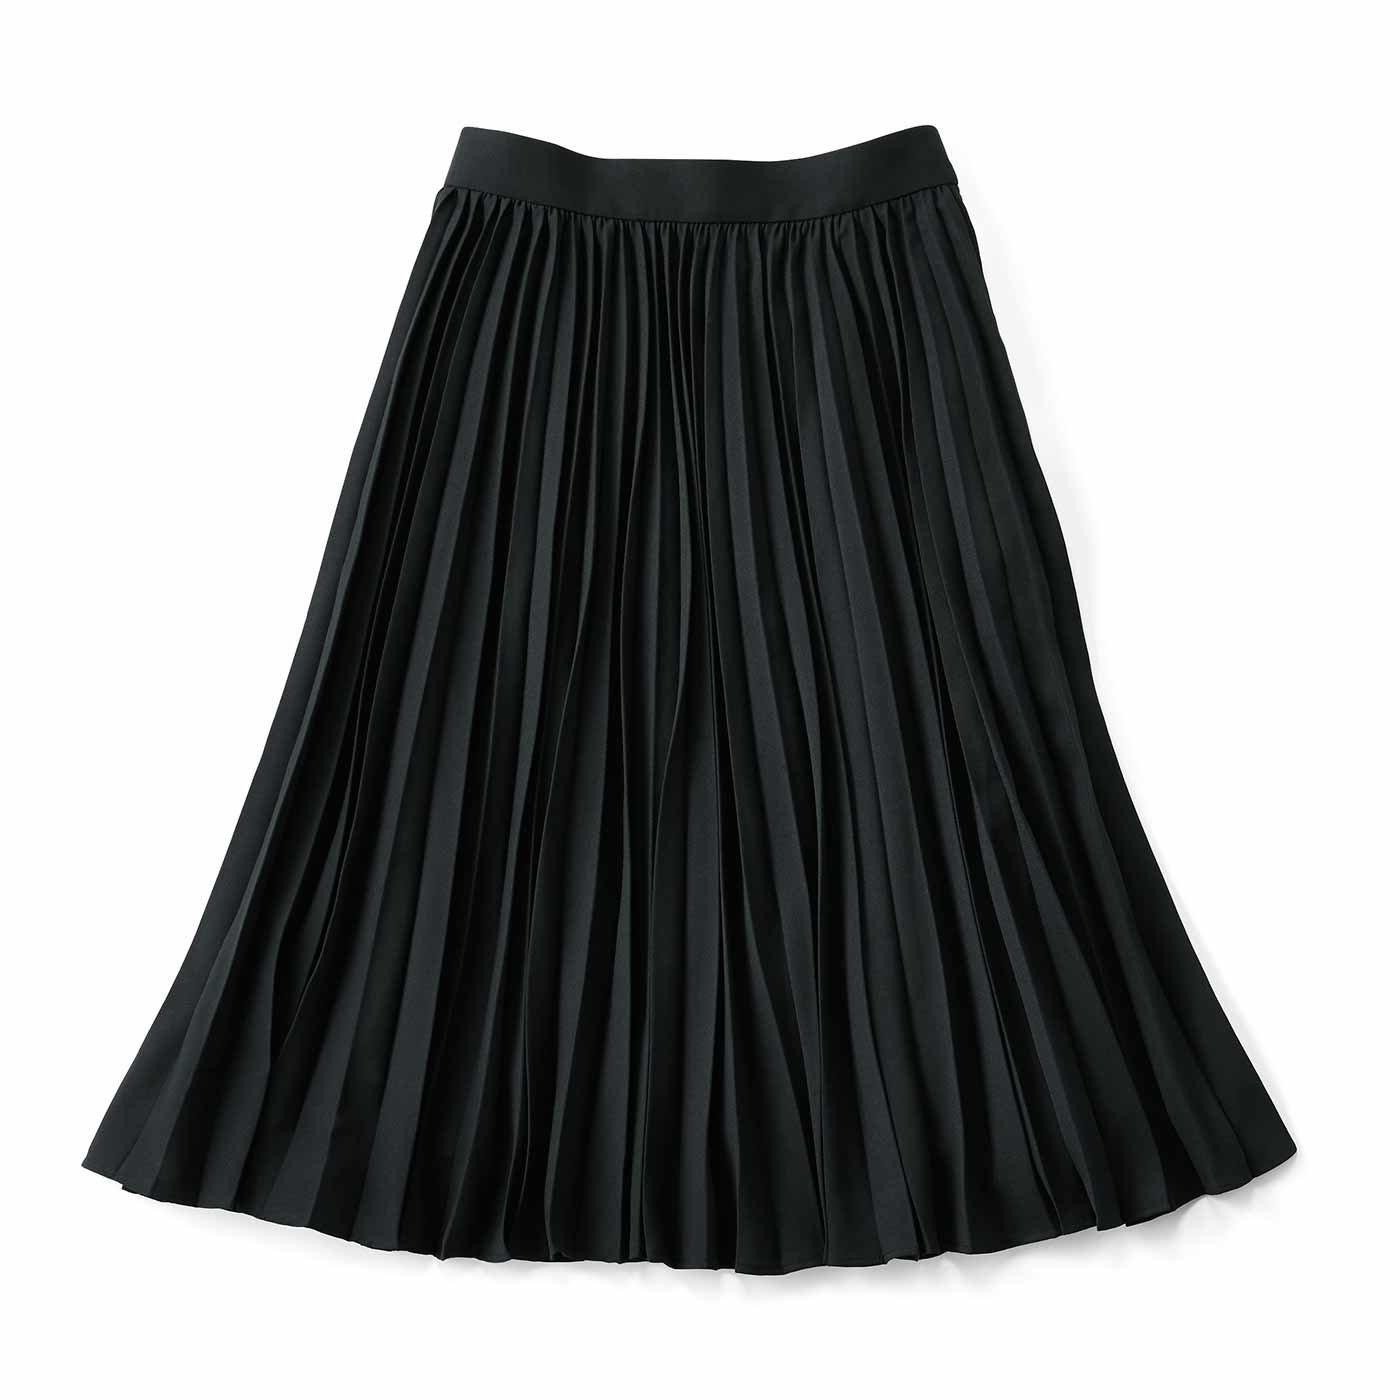 IEDIT[イディット]   軽やかな印象のアコーディオンプリーツスカート〈ブラック〉